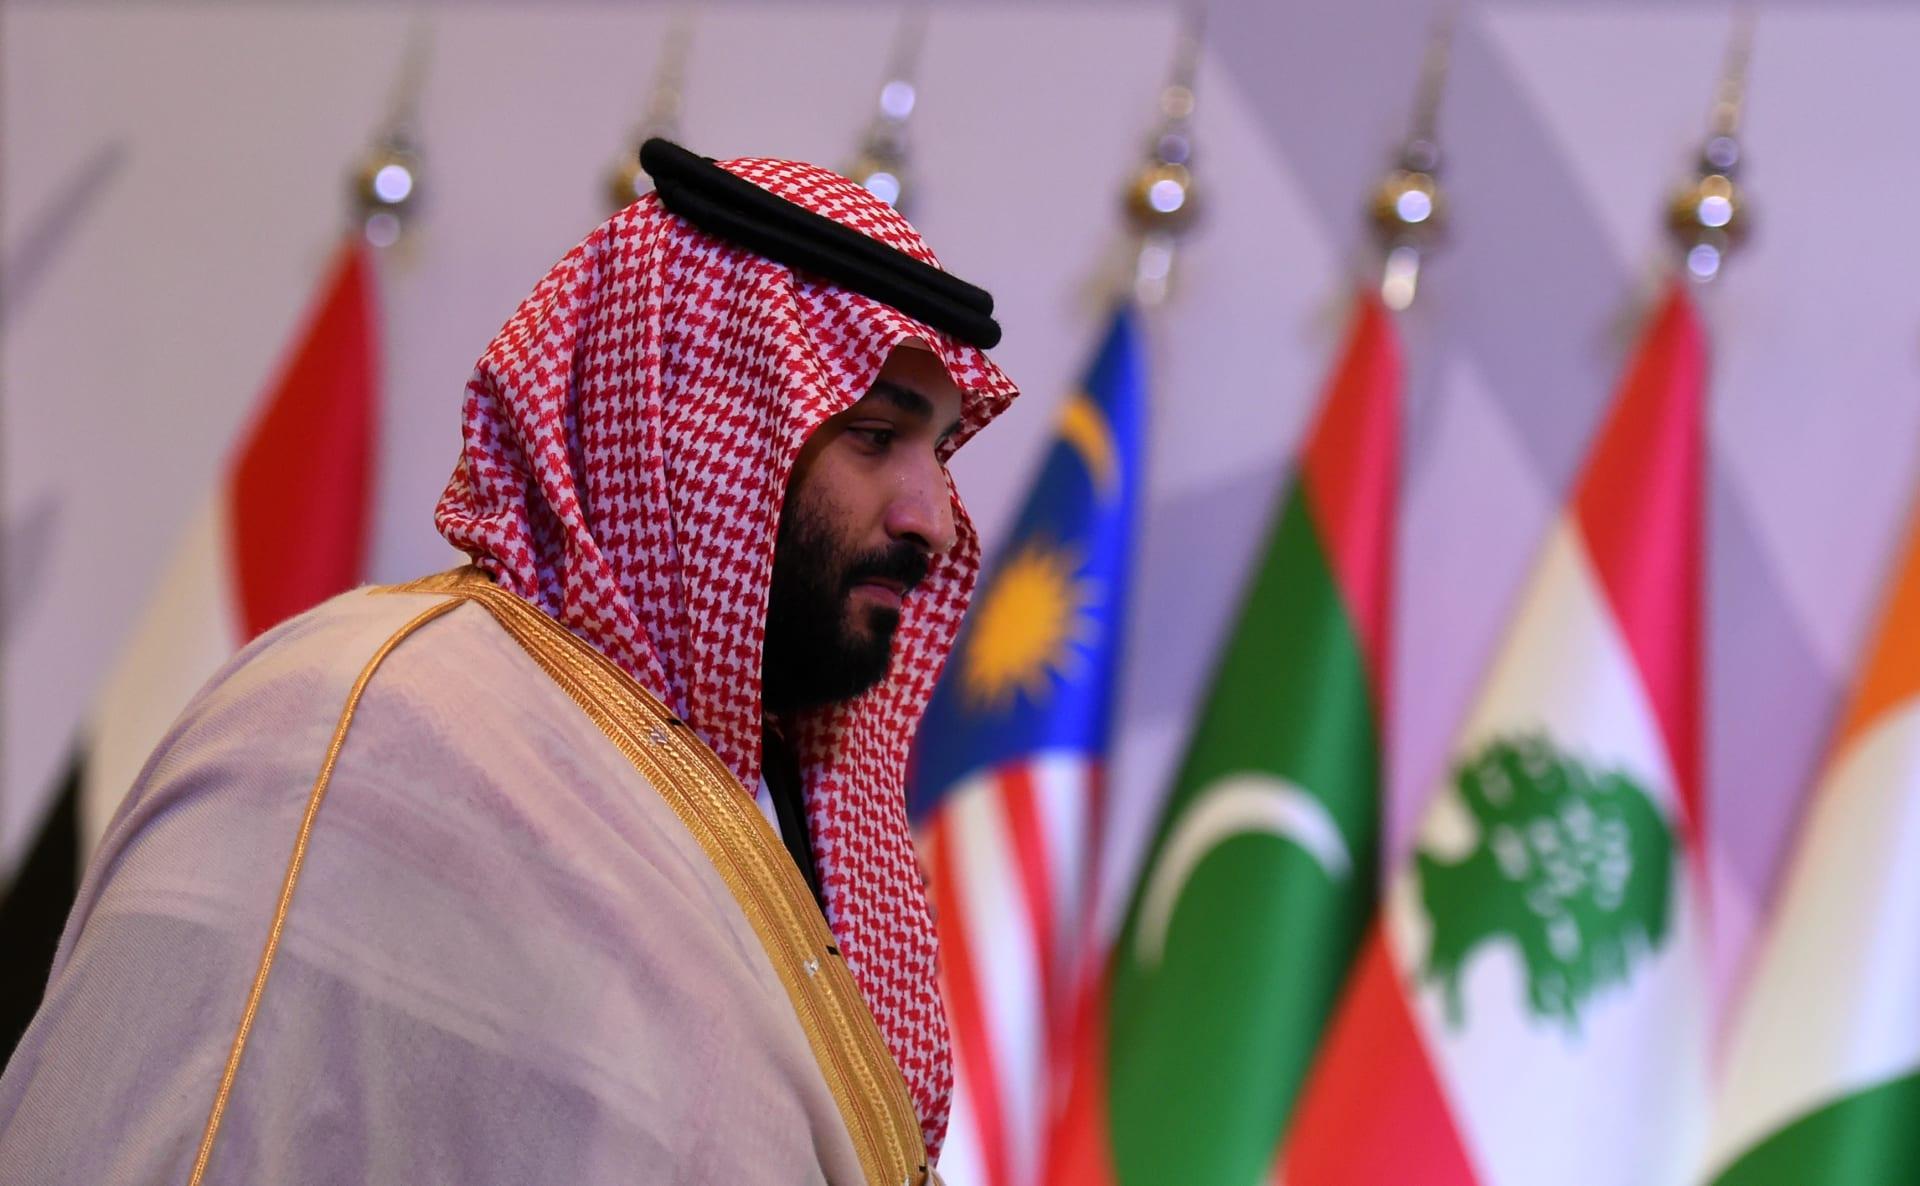 الأمير محمد بن سلمان يحاور الصحفيين.. ماذا قال عن قطر وخطر العثمانيين؟